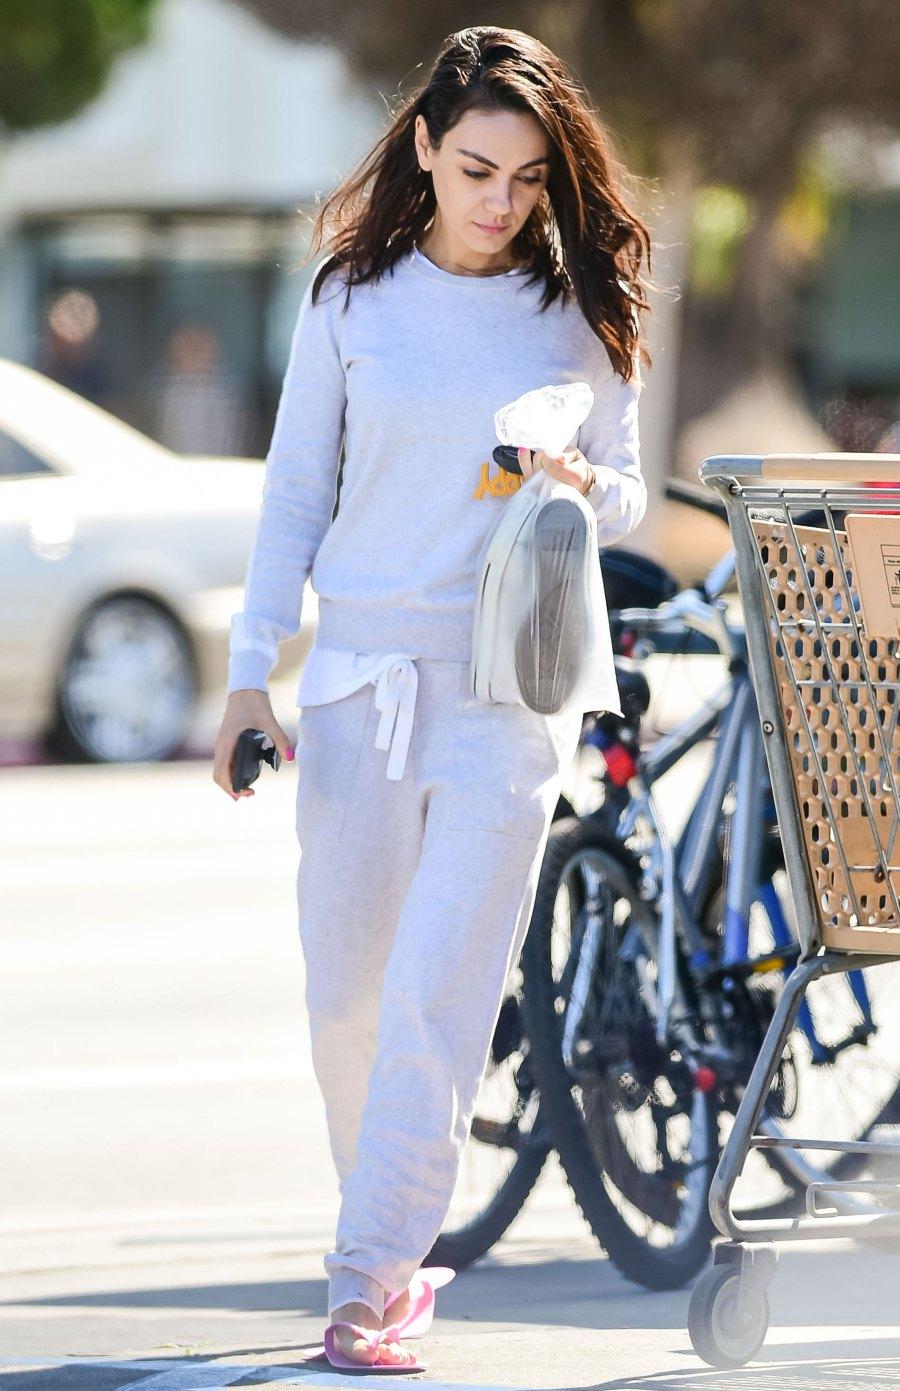 Celebs Wearing Sweats - Mila Kunis